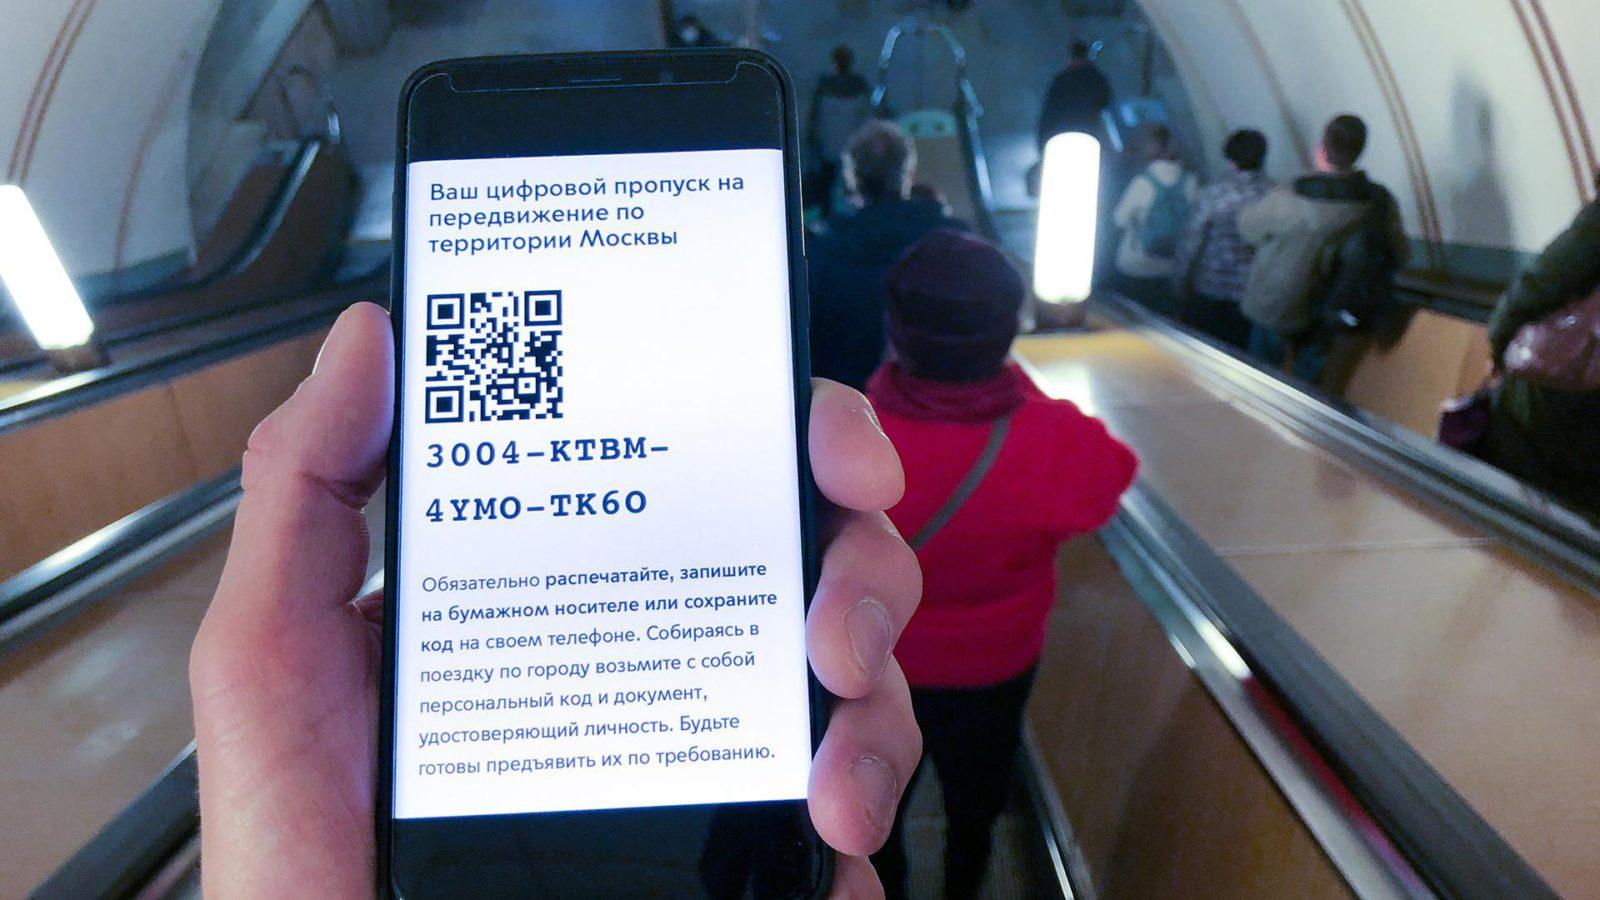 Система проверки цифровых пропусков в Москве будет автоматизирована